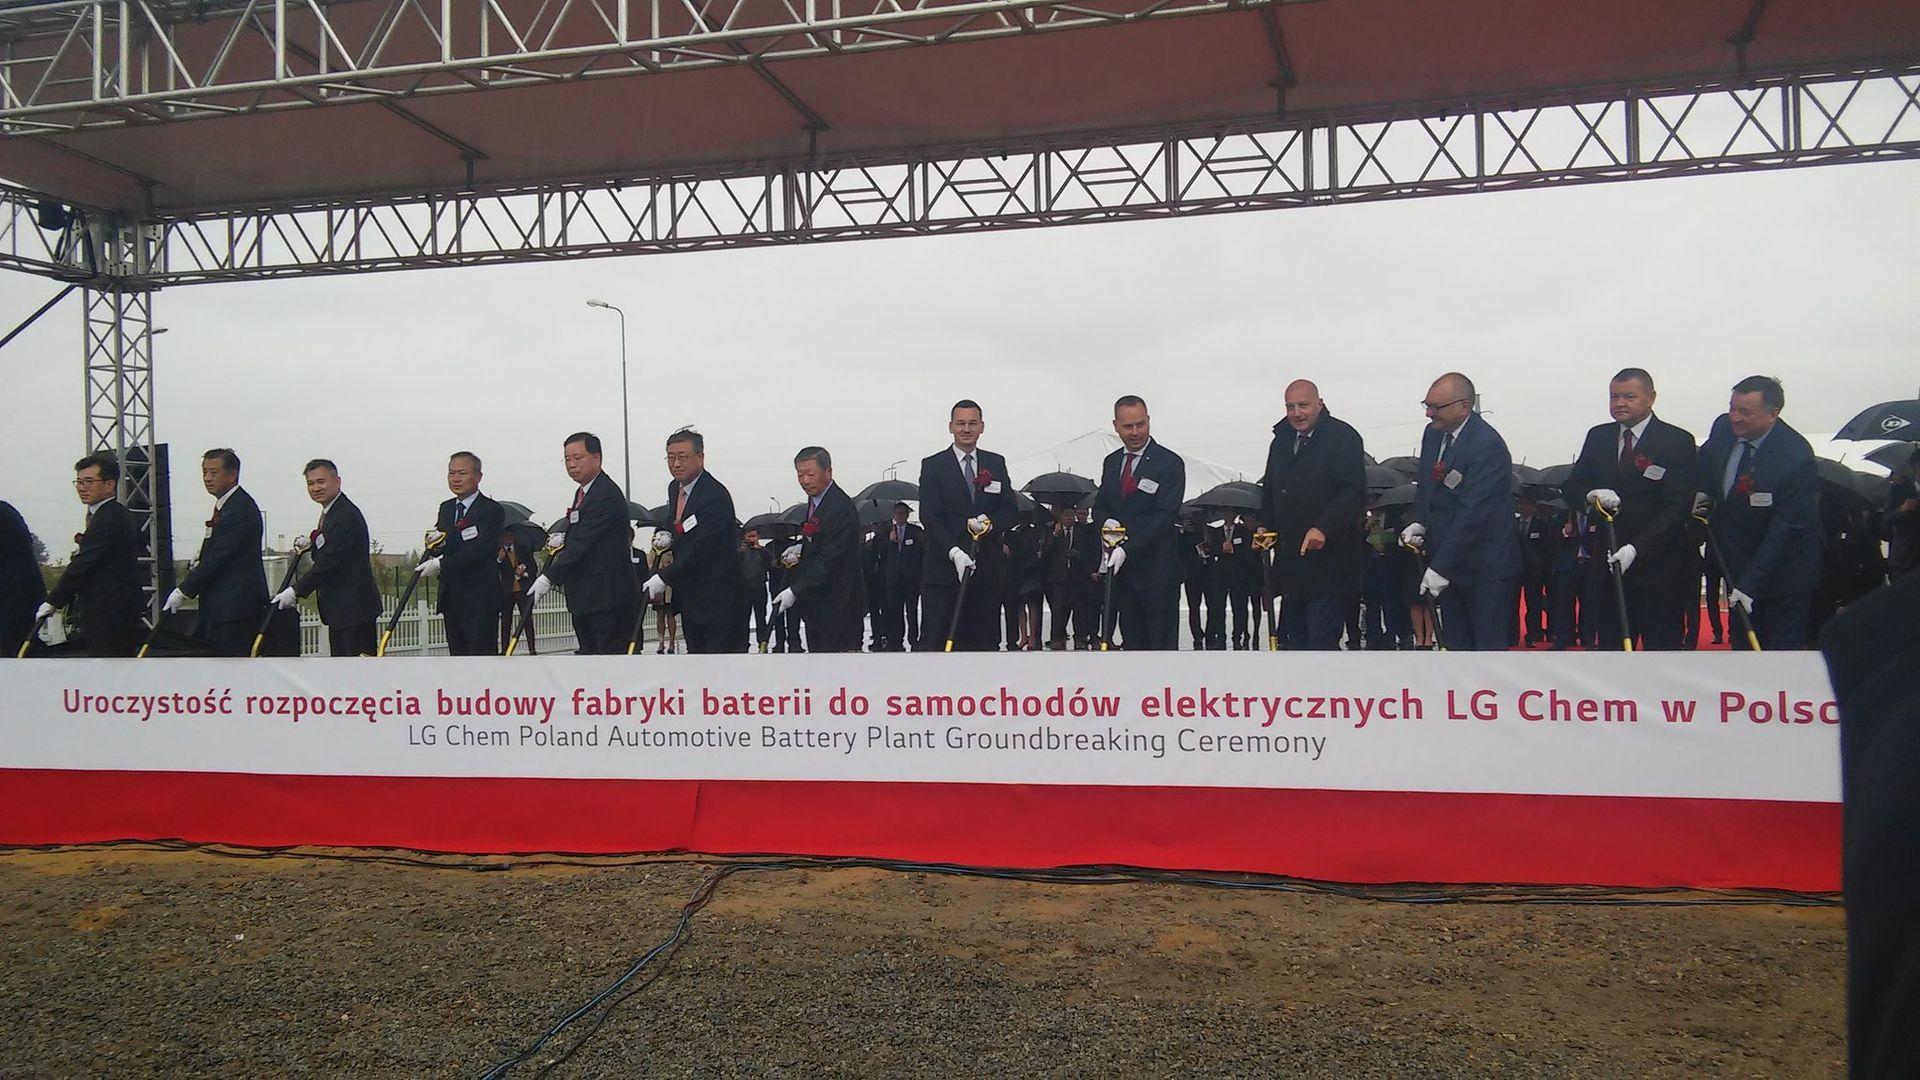 [Aglomeracja Wrocławska] 1,3 mld złotych i 700 miejsc pracy. LG Chem inwestuje w ogromną fabrykę